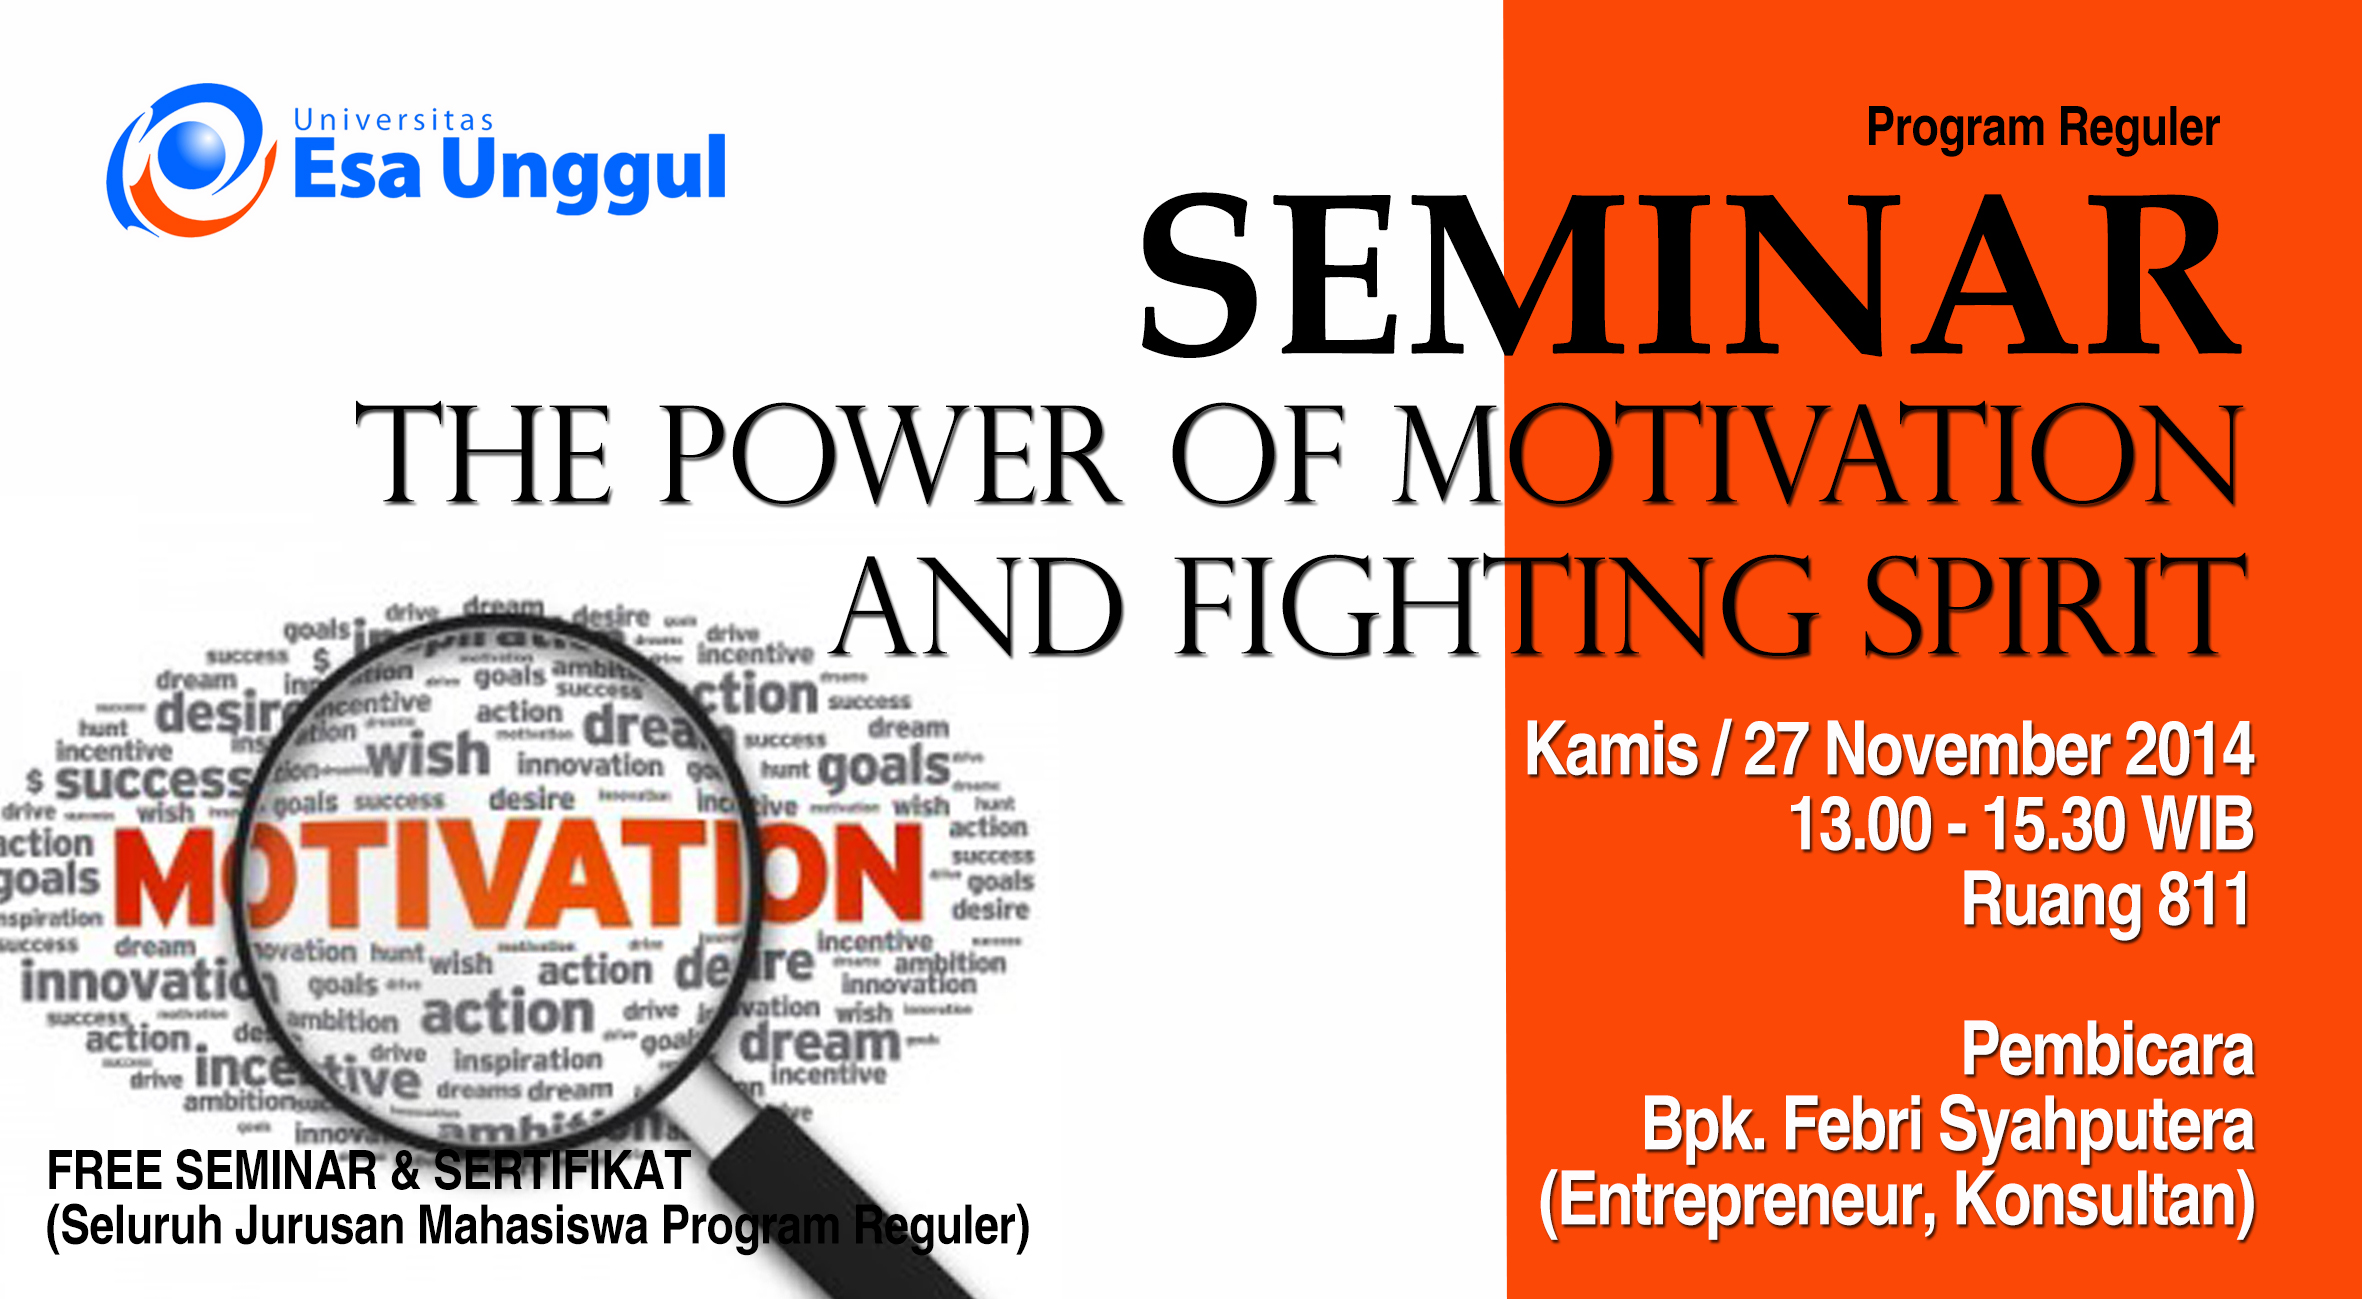 """Universitas Esa Unggul menyelenggarakan Seminar """" The Power of Motivation and Fighting Spirit """" untuk Program Reguler pada 27 Nopember 2014"""